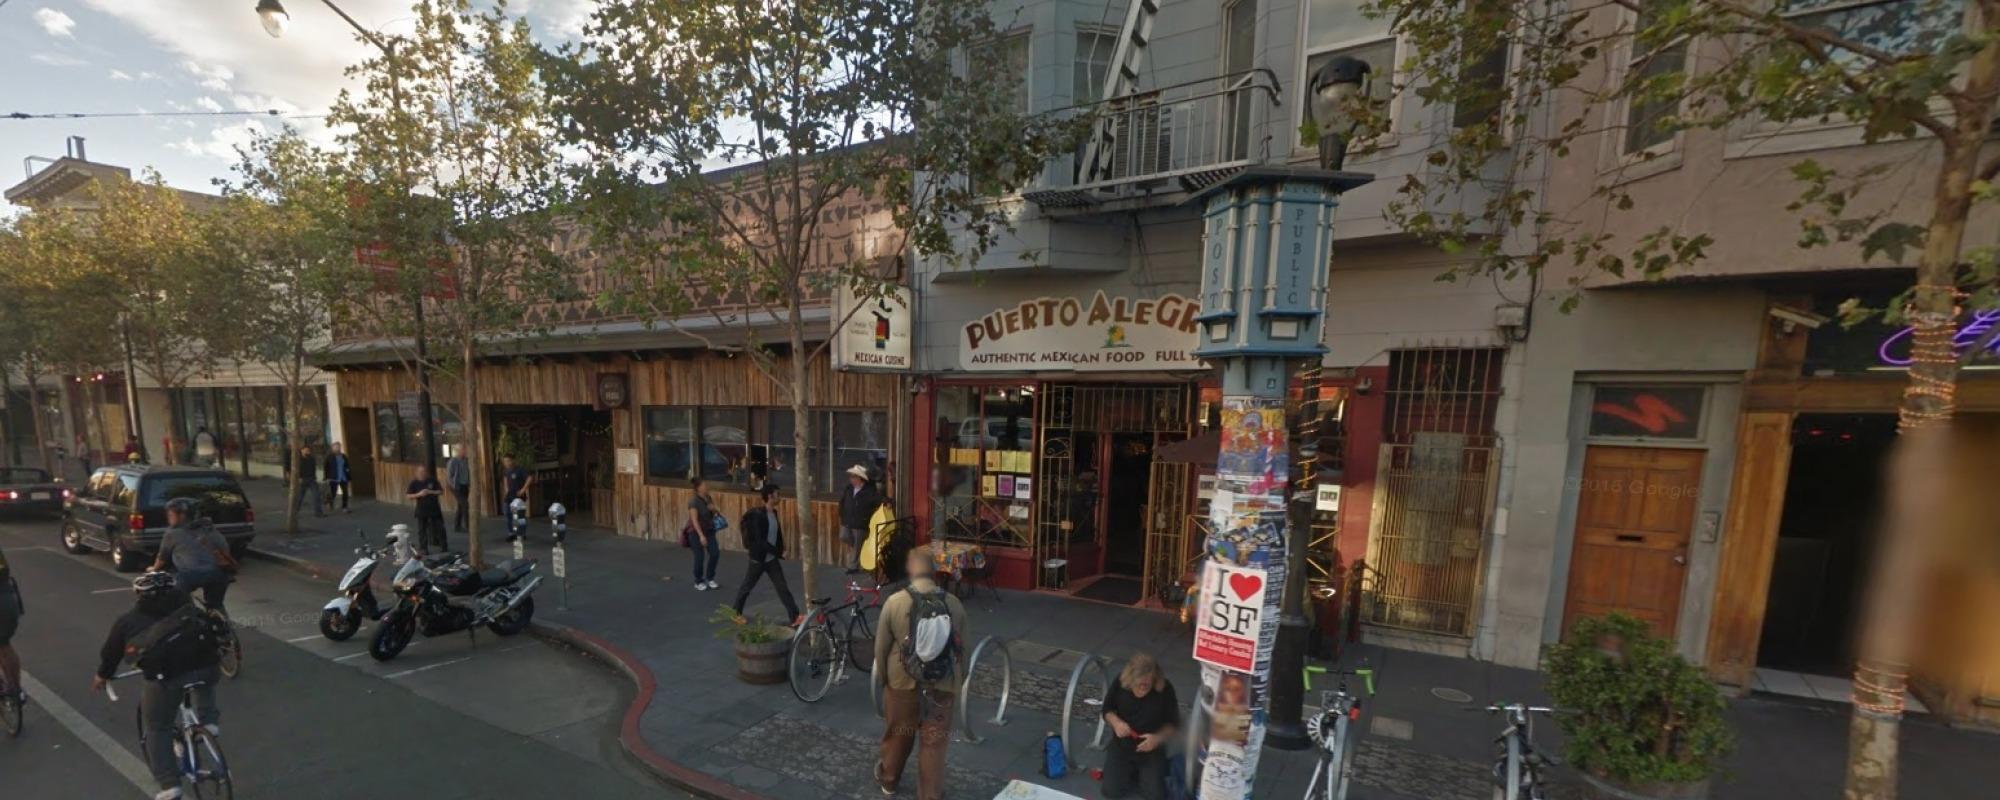 Valencia Streetscape Project